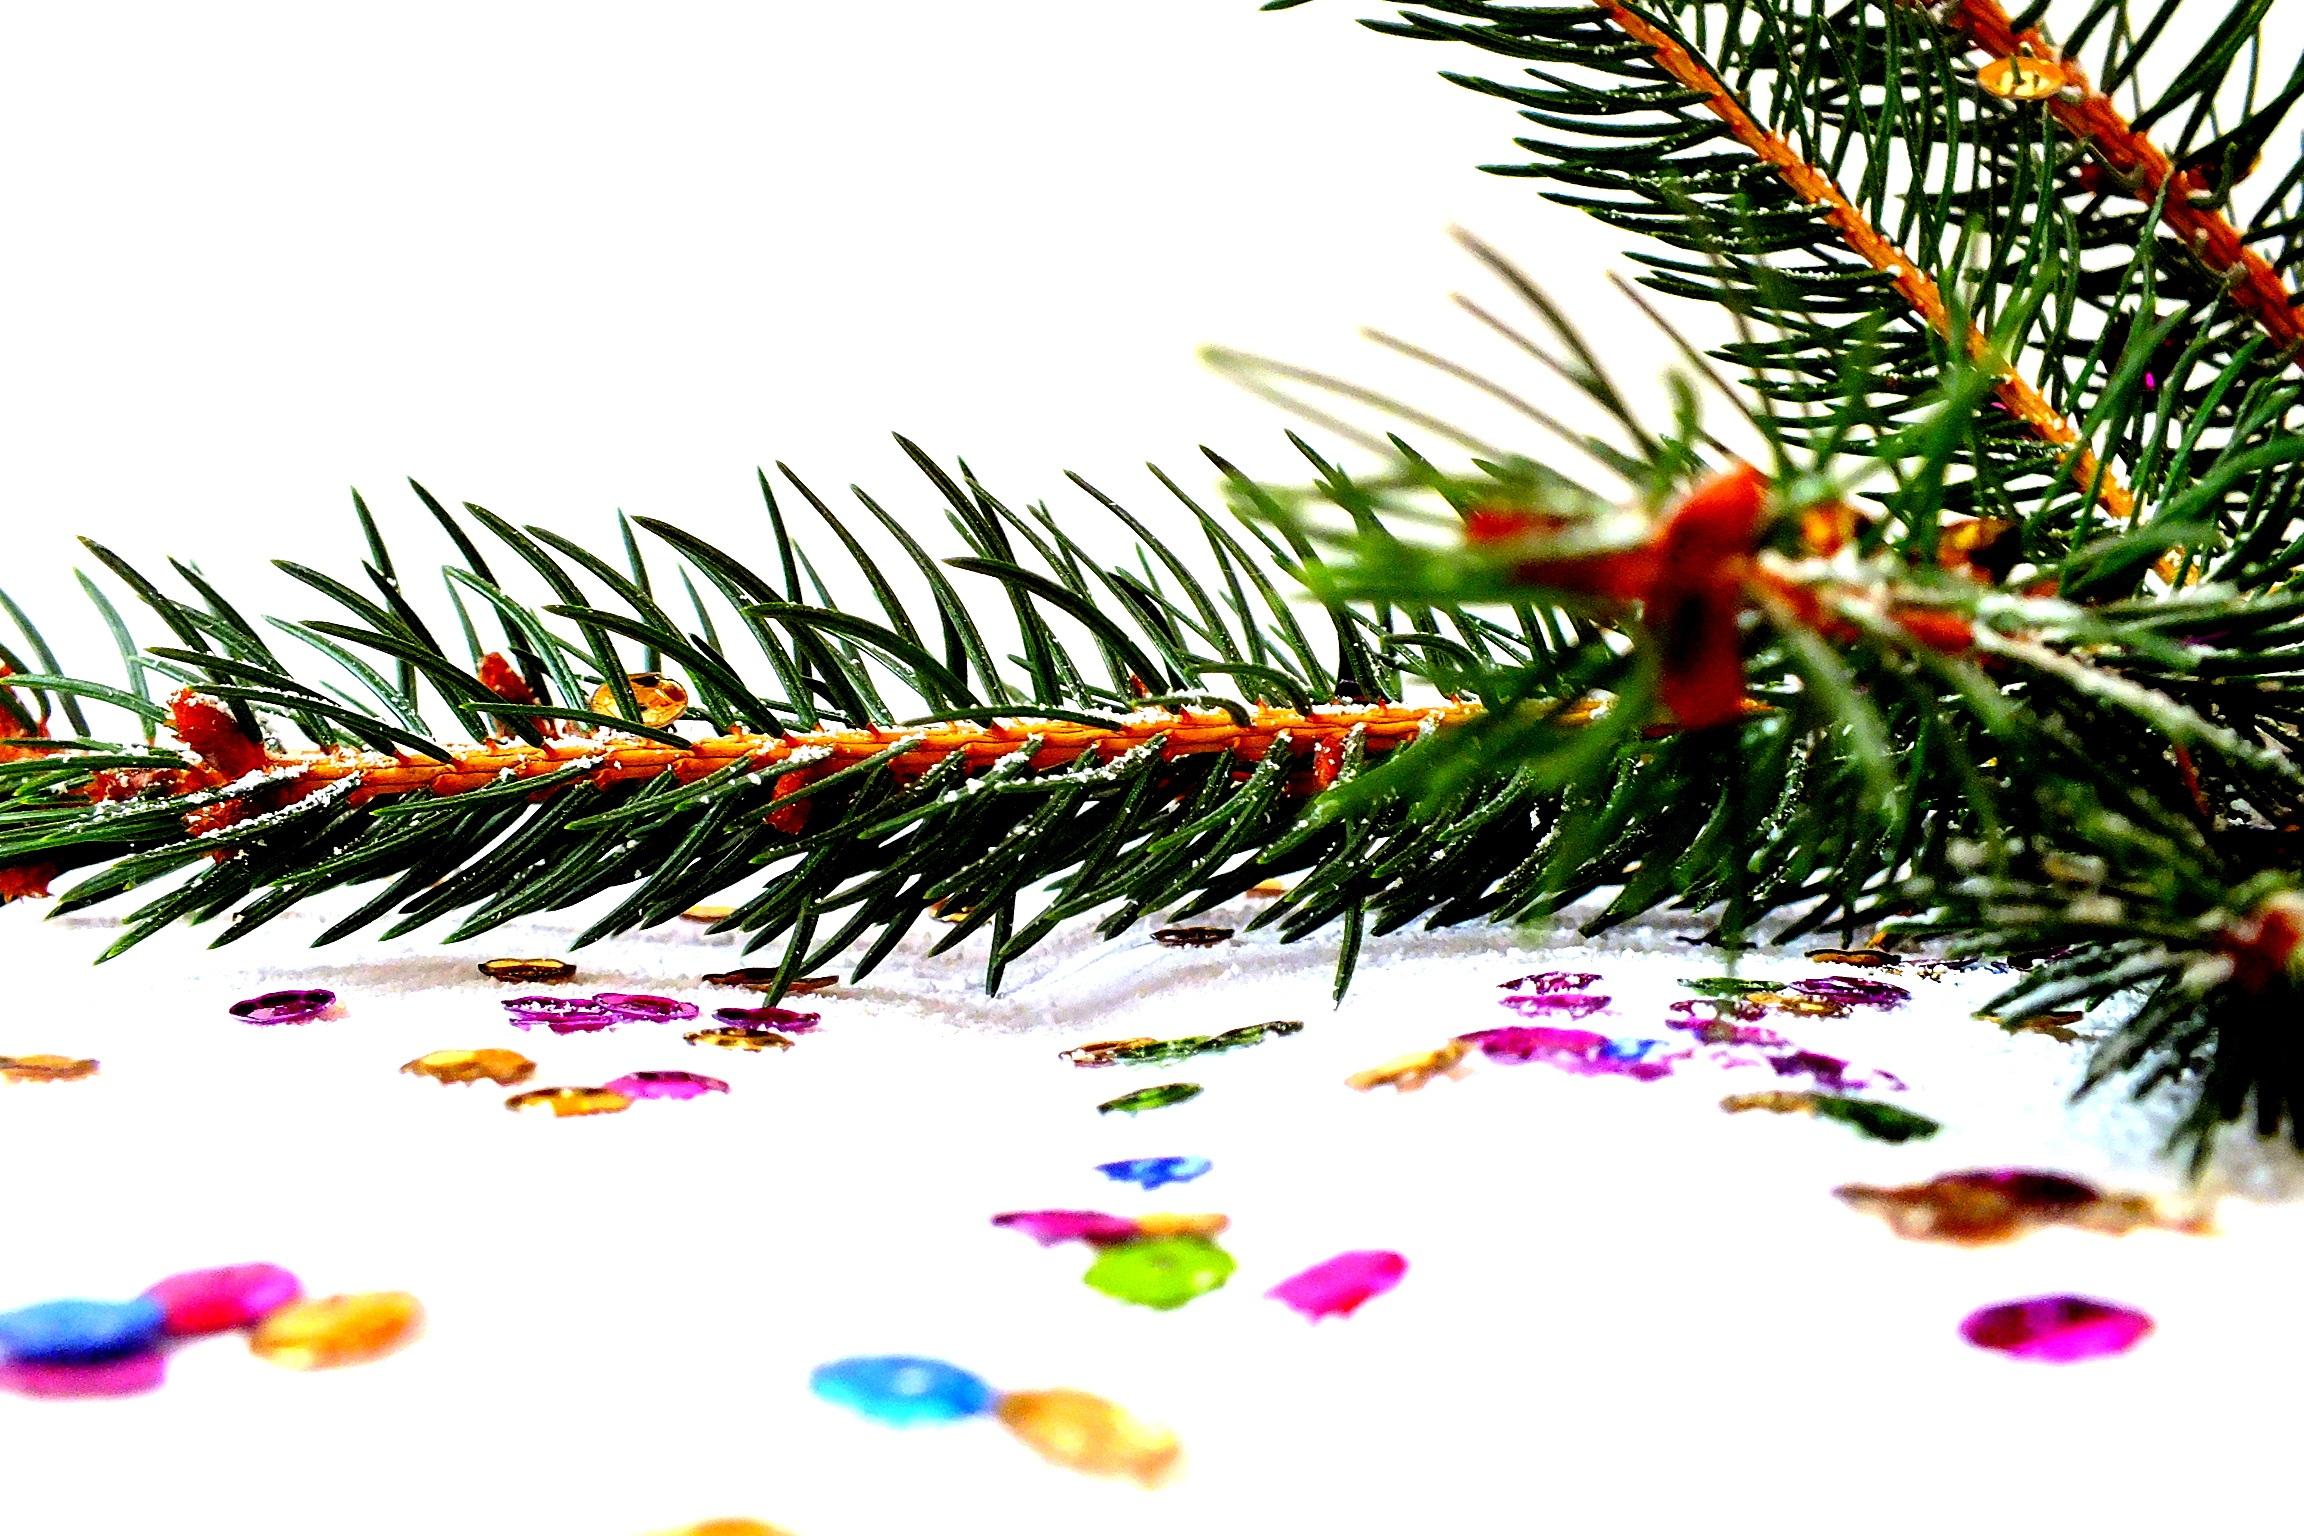 images gratuites branche aiguille sapin arbre de no l flocon de neige conif re. Black Bedroom Furniture Sets. Home Design Ideas